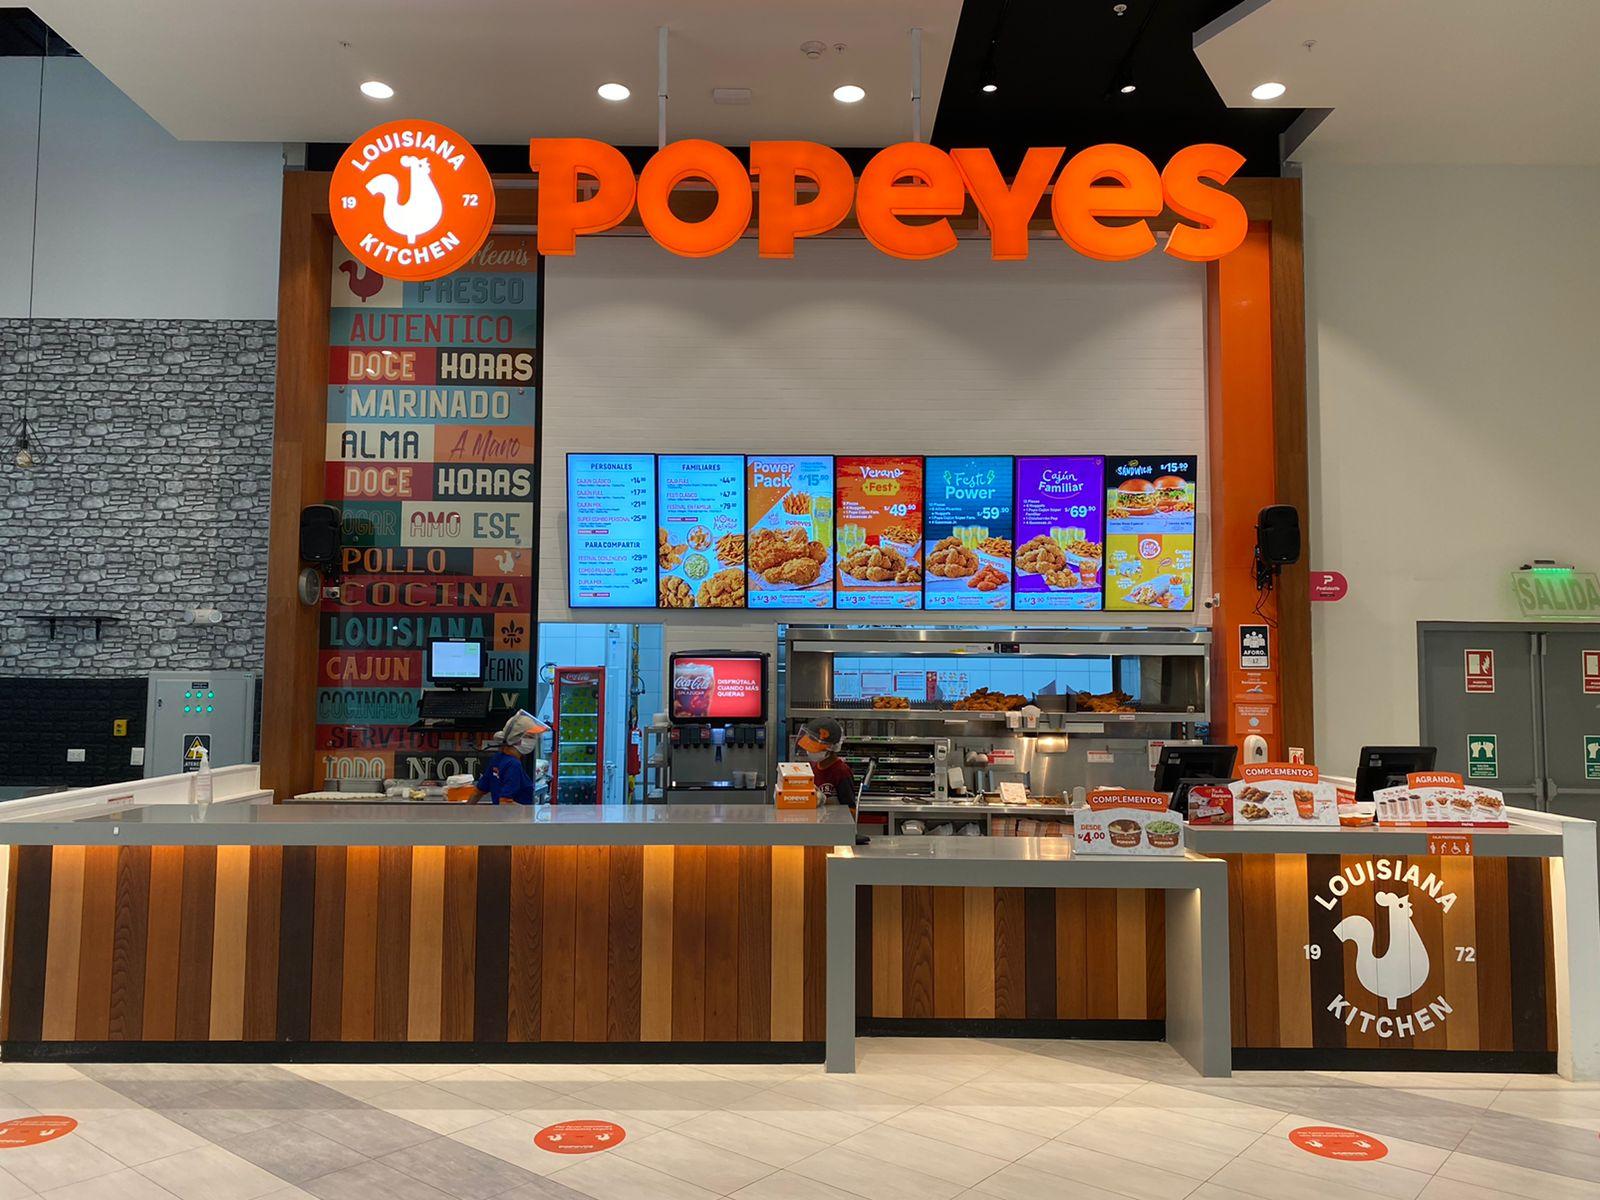 Popeyes inaugura en Mallpalza Comas su primera tienda desde que se decretó el Estado de Emergencia